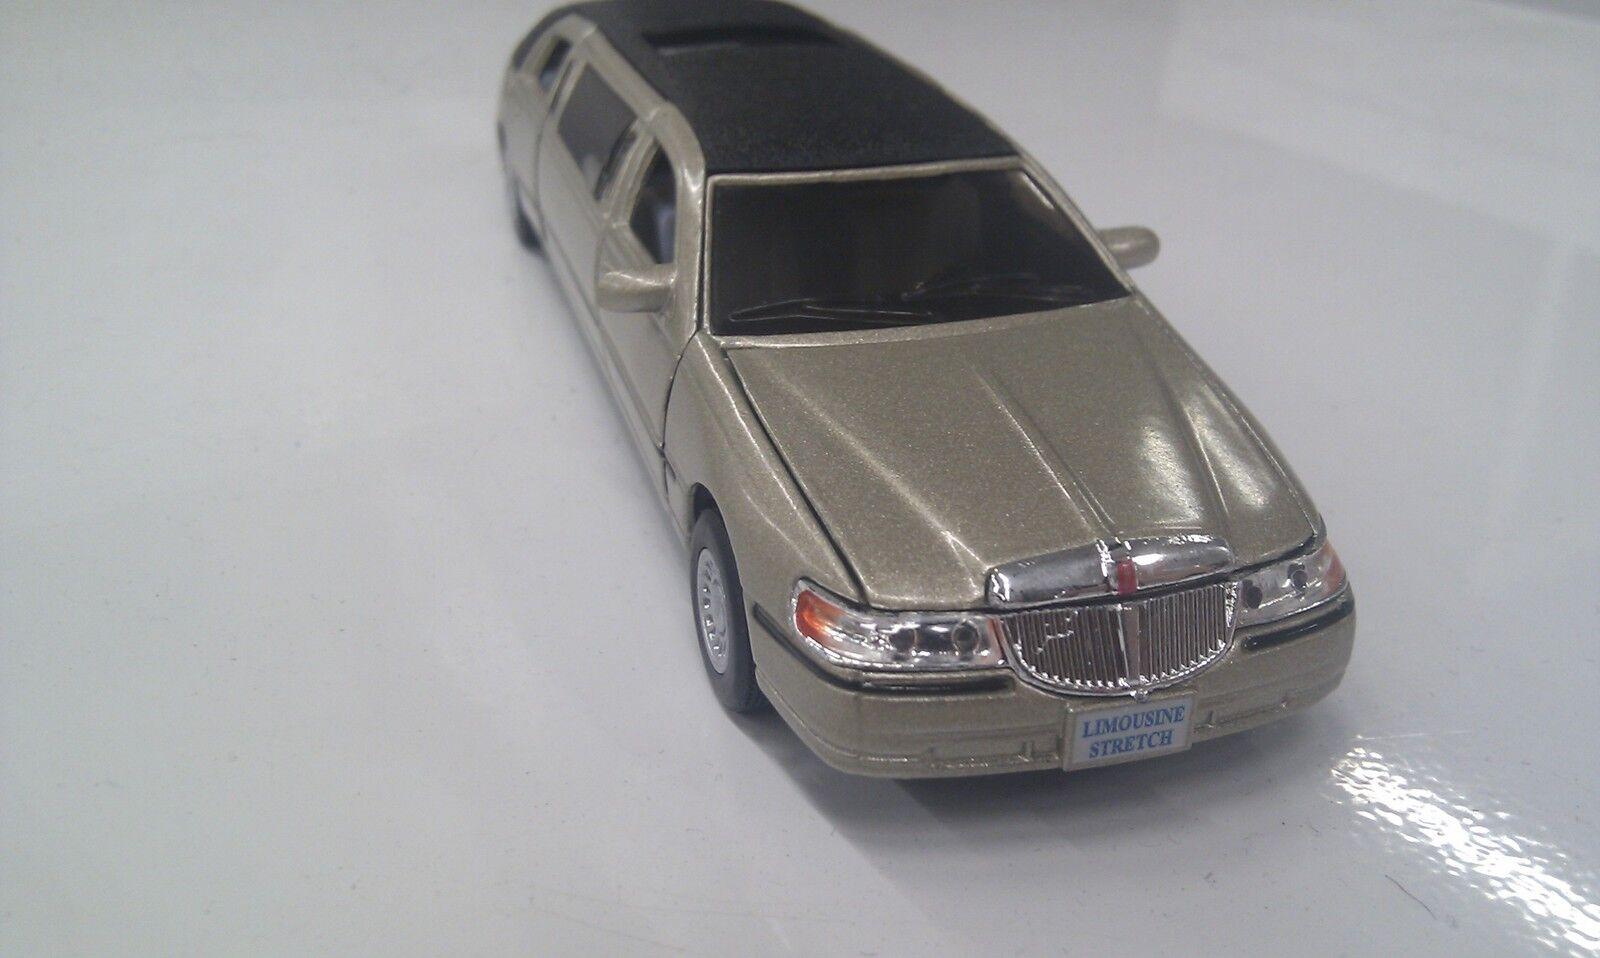 Lincoln Town car Étire Limousine Kinsmart Doré Jouet Miniature